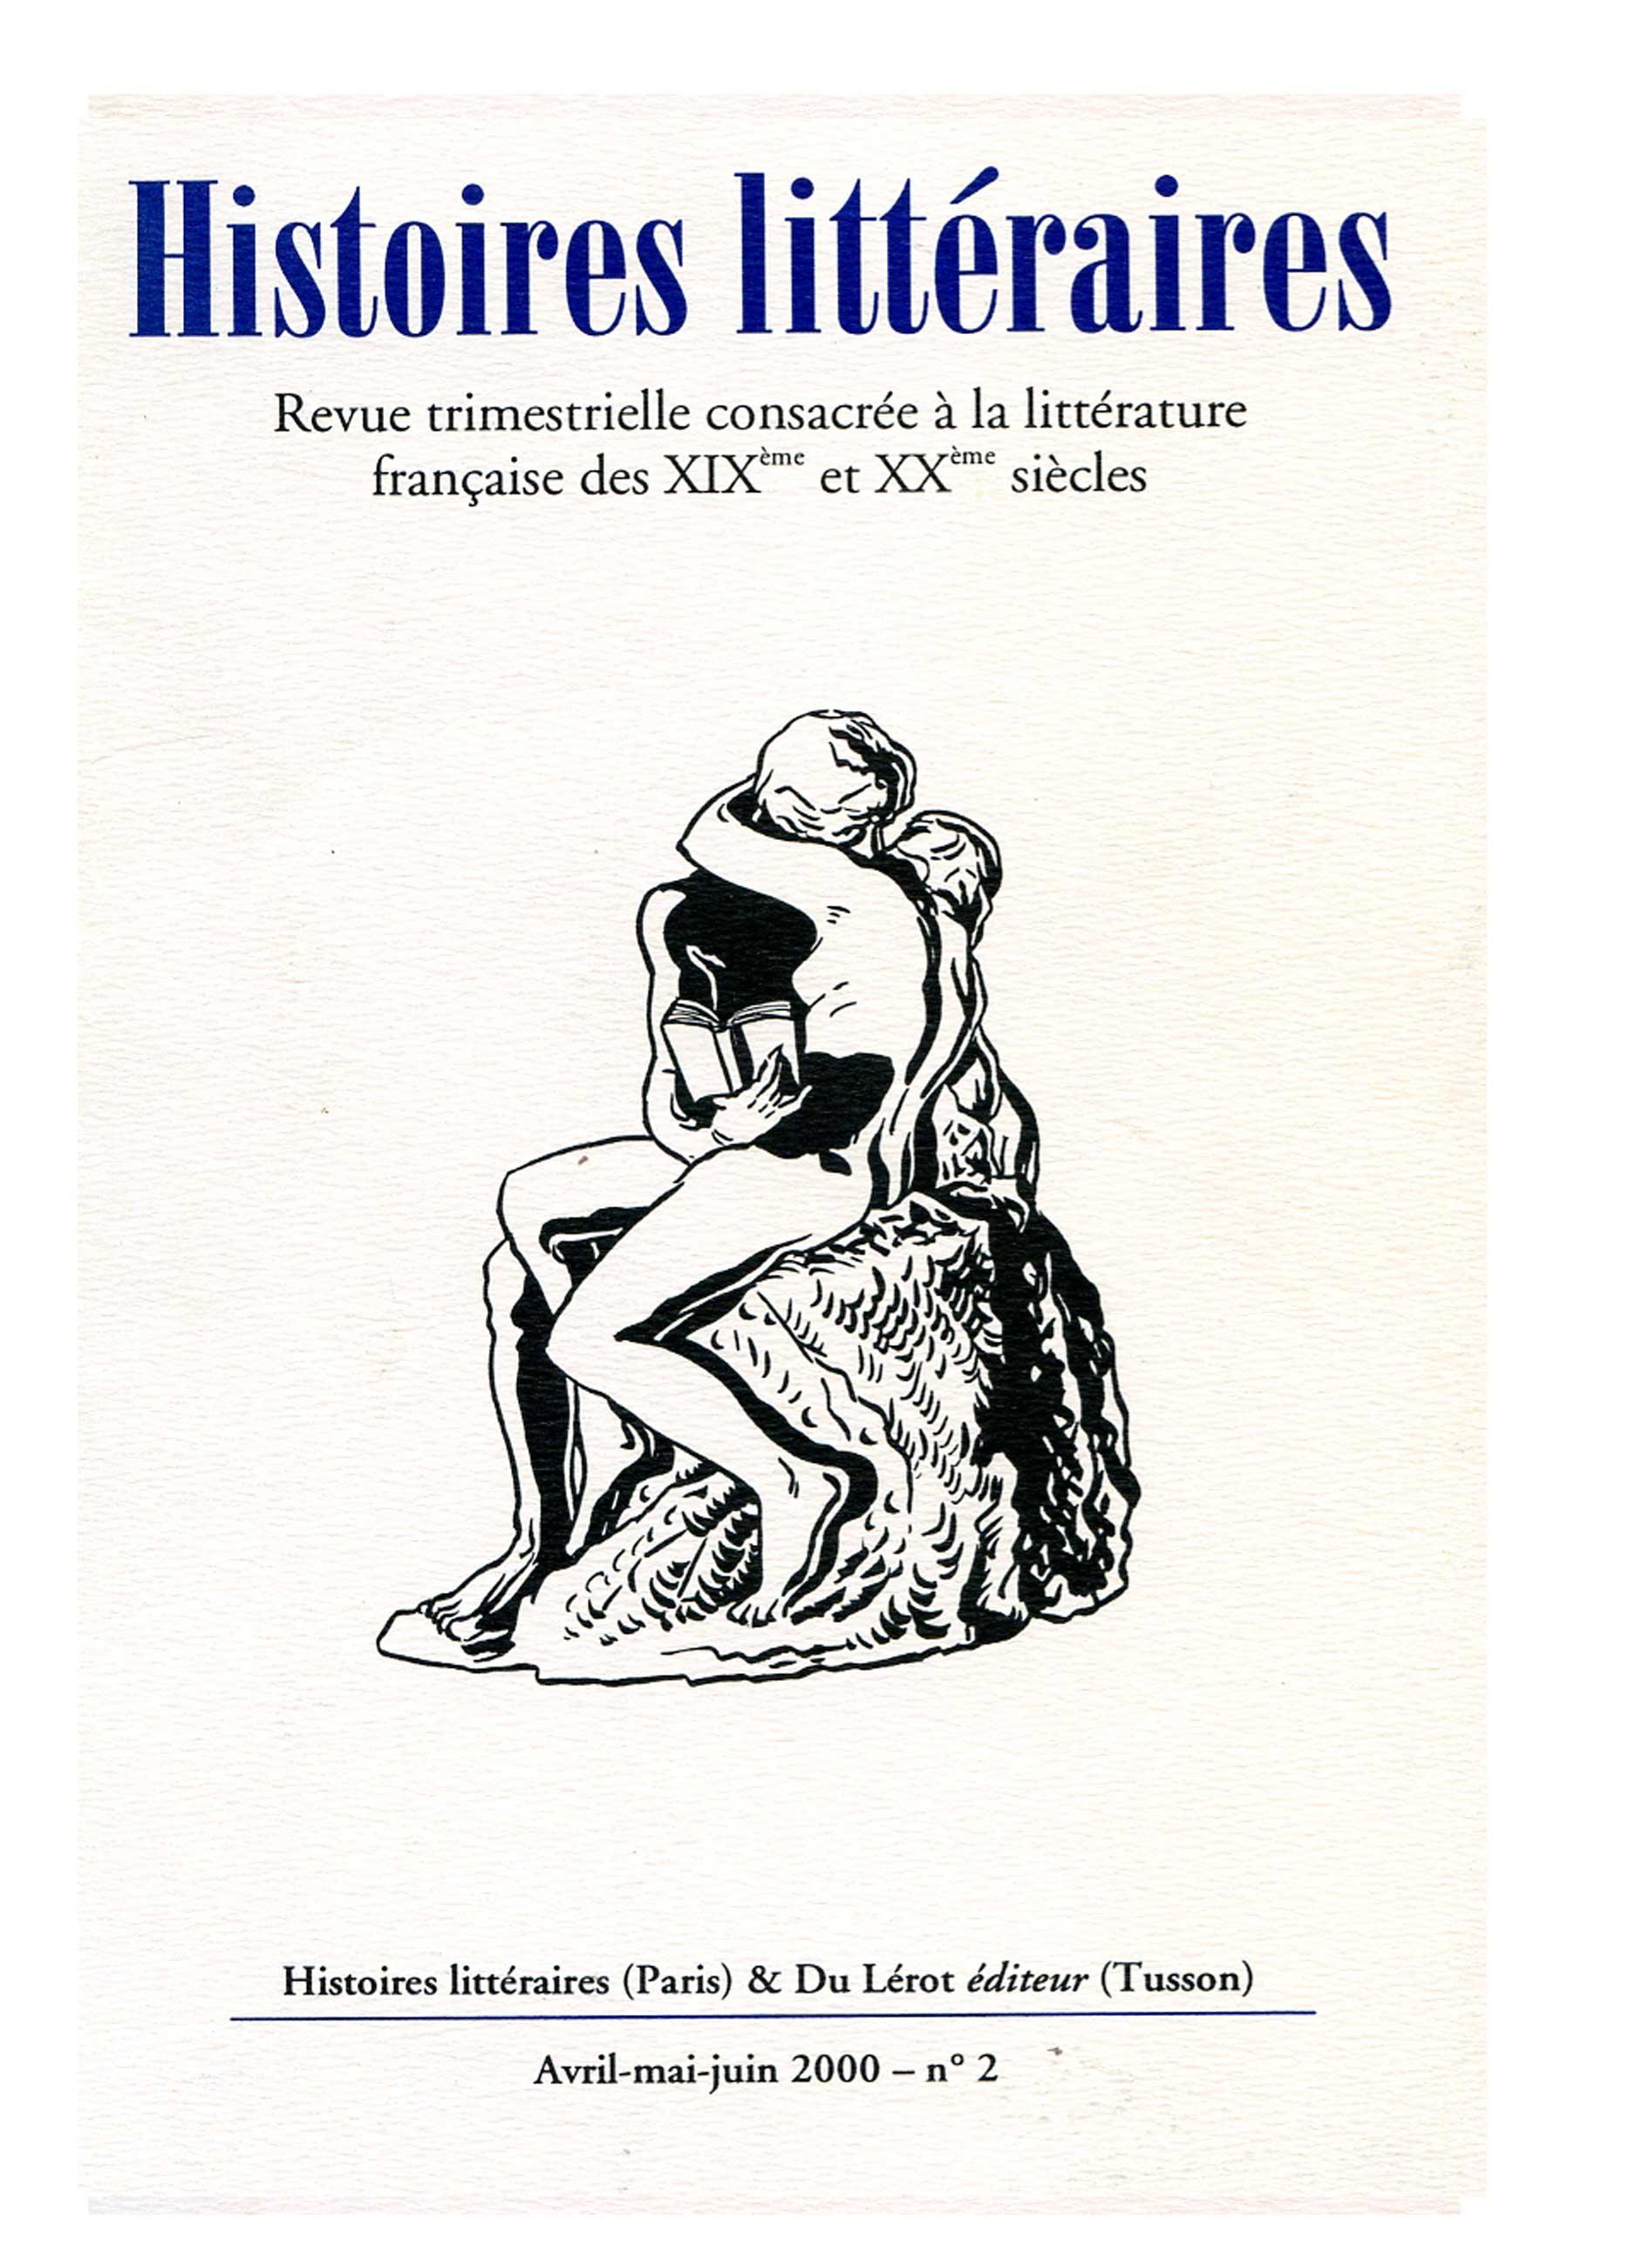 Couverture d'Histoires littéraires n°2